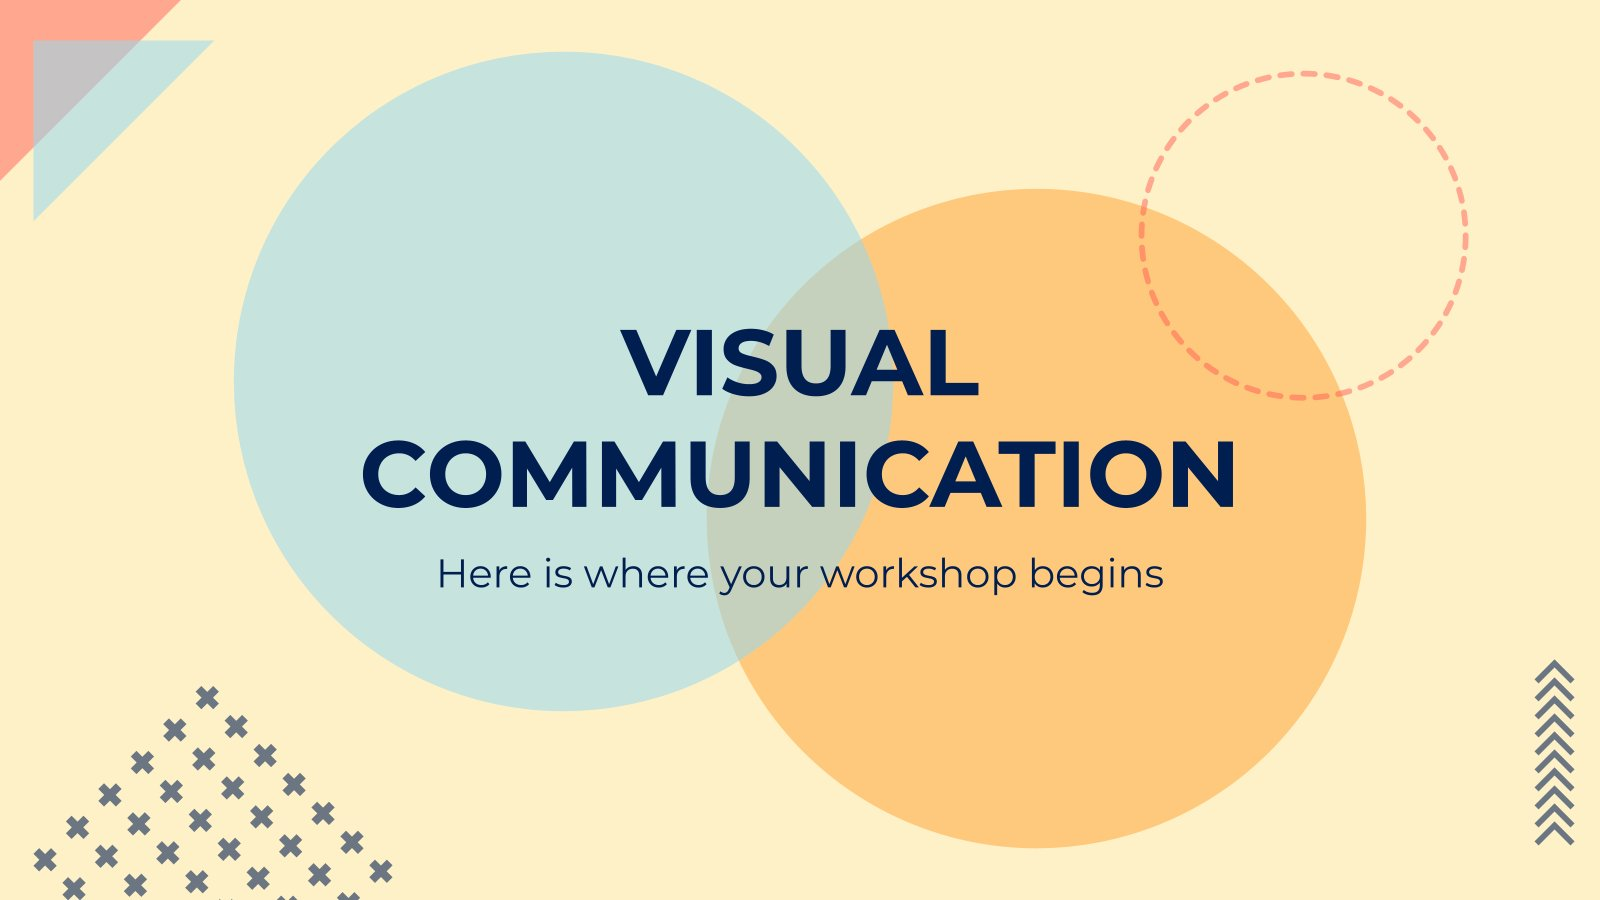 Workshop für visuelle Kommunikation Präsentationsvorlage